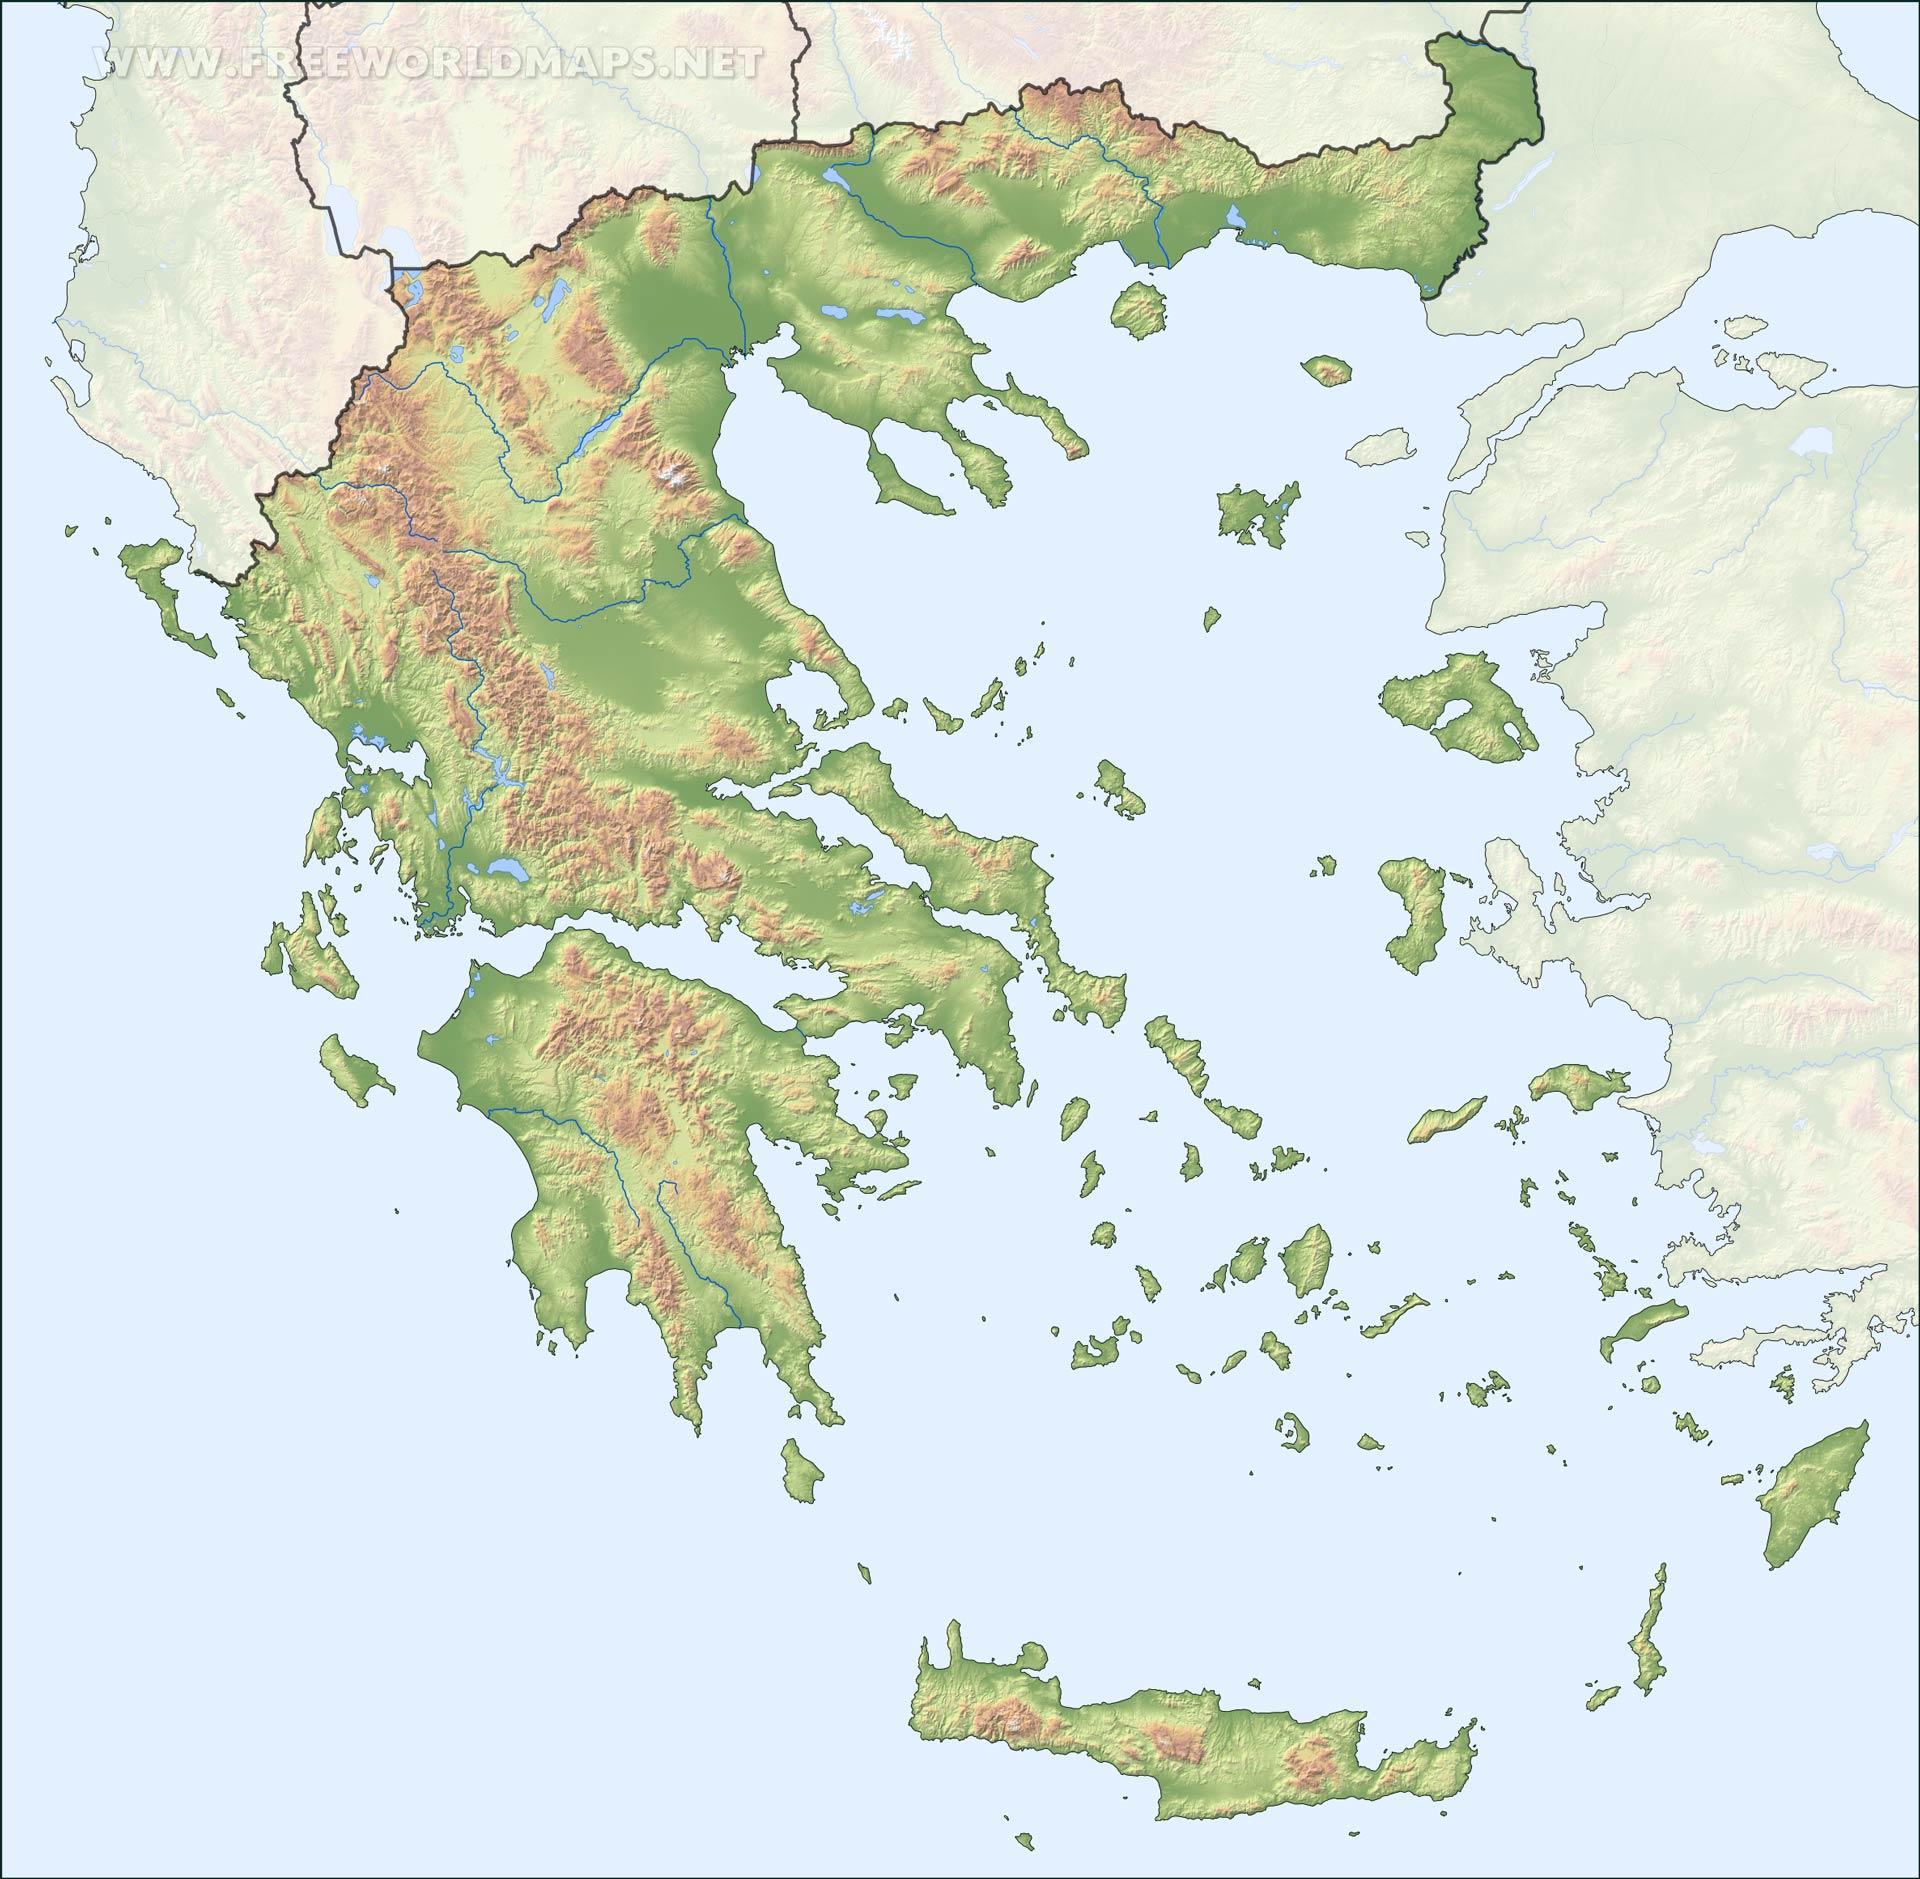 Mapa Politico De Grecia.Mapa De Grecia